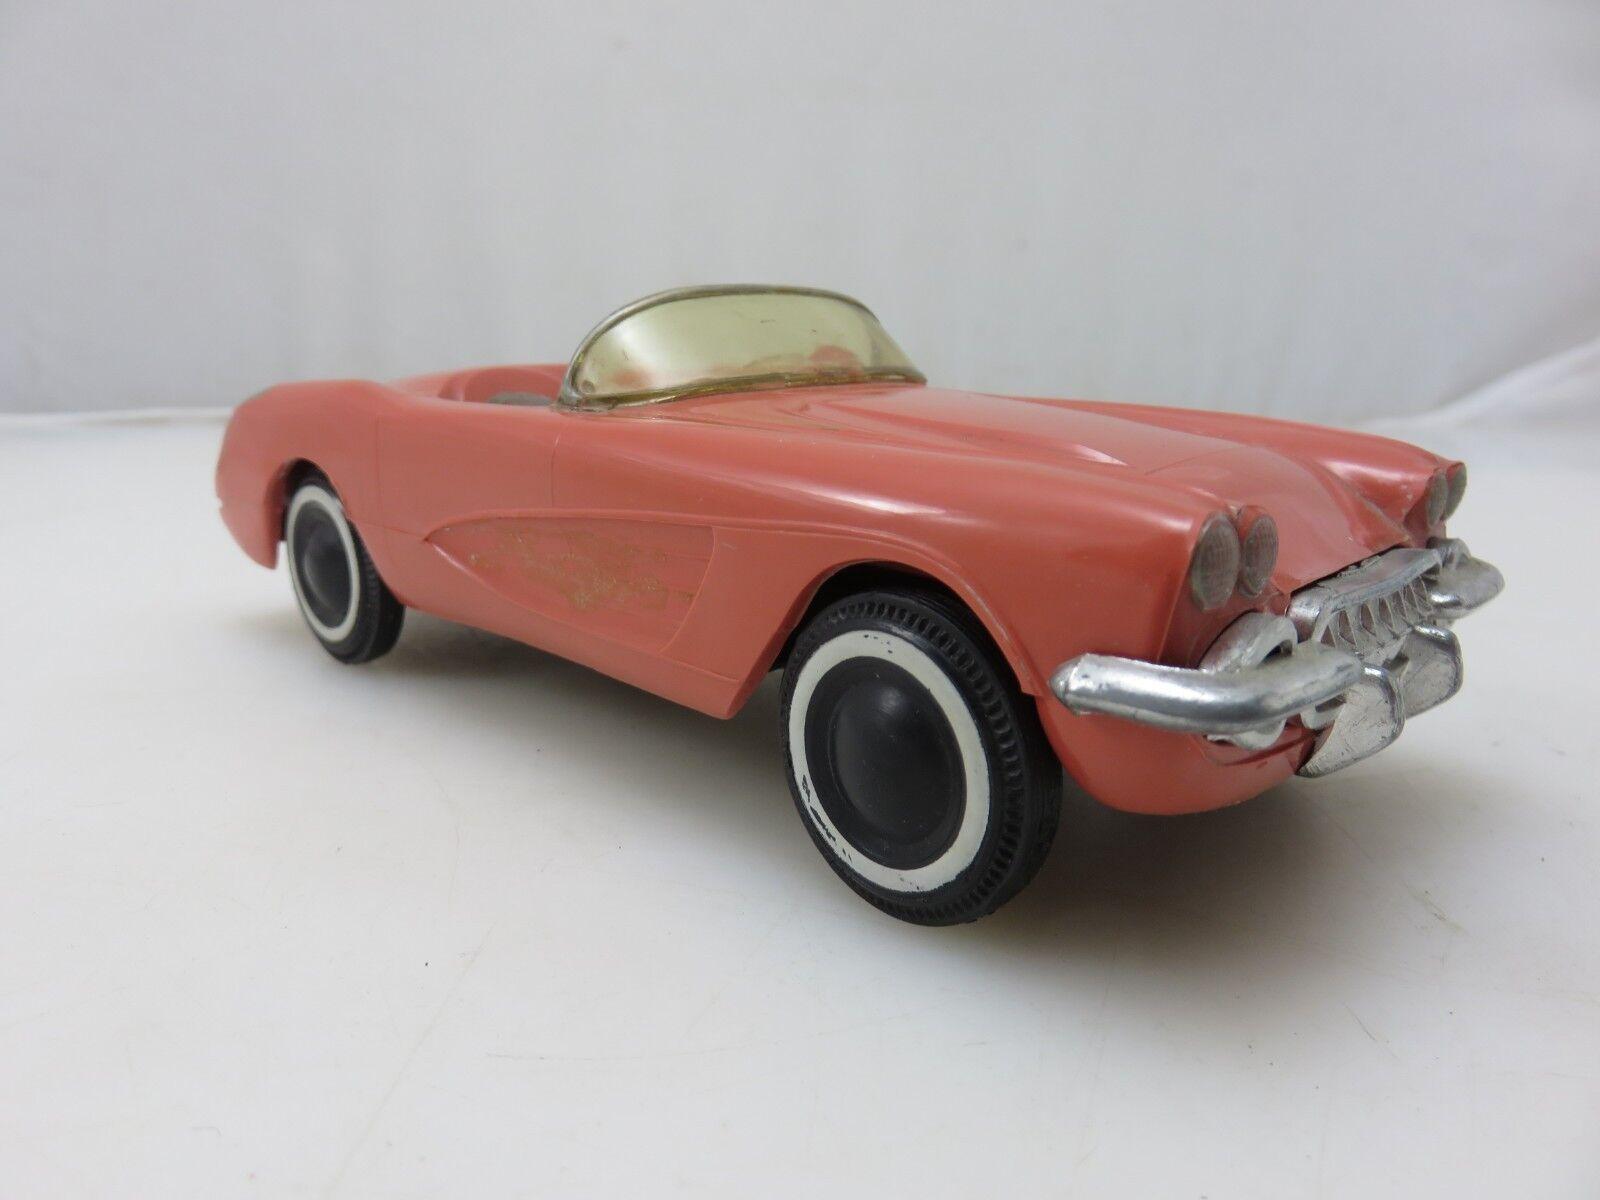 1959 CHEVY CHEVROLET CORVETTE KONgrönIBIL PROMOM modelll Bil